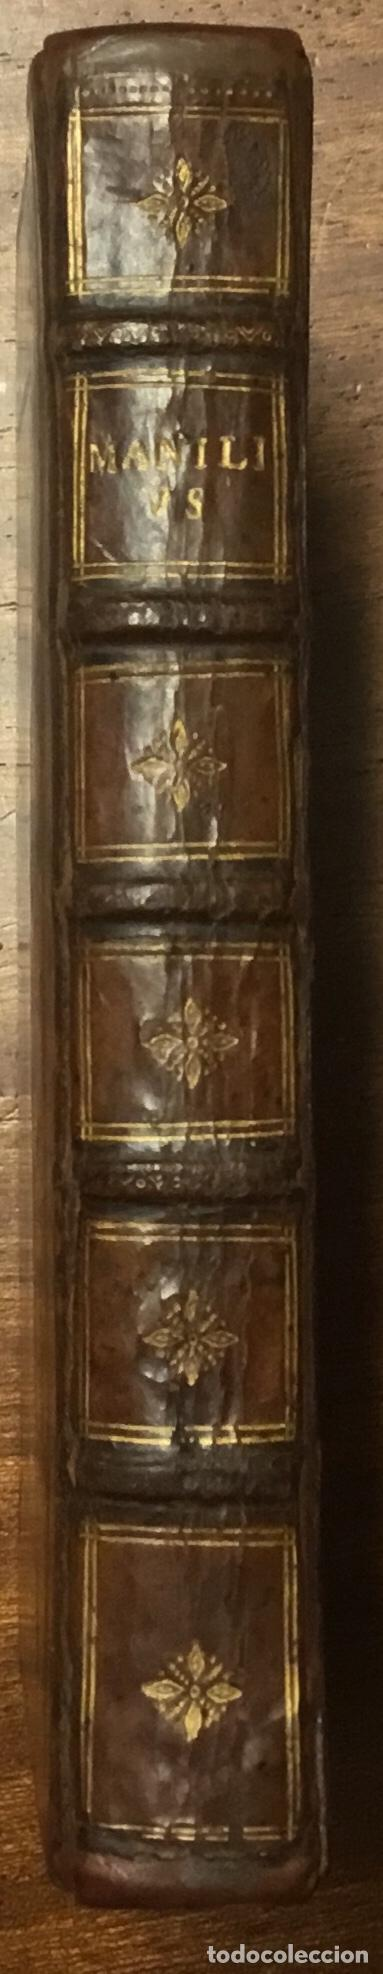 Libros antiguos: M. MANILI ASTRONOMICON LIBRI QUINQUE... Eiusdem Ios. Scaligeri commentarius in eosdem libros, et cas - Foto 7 - 109022442